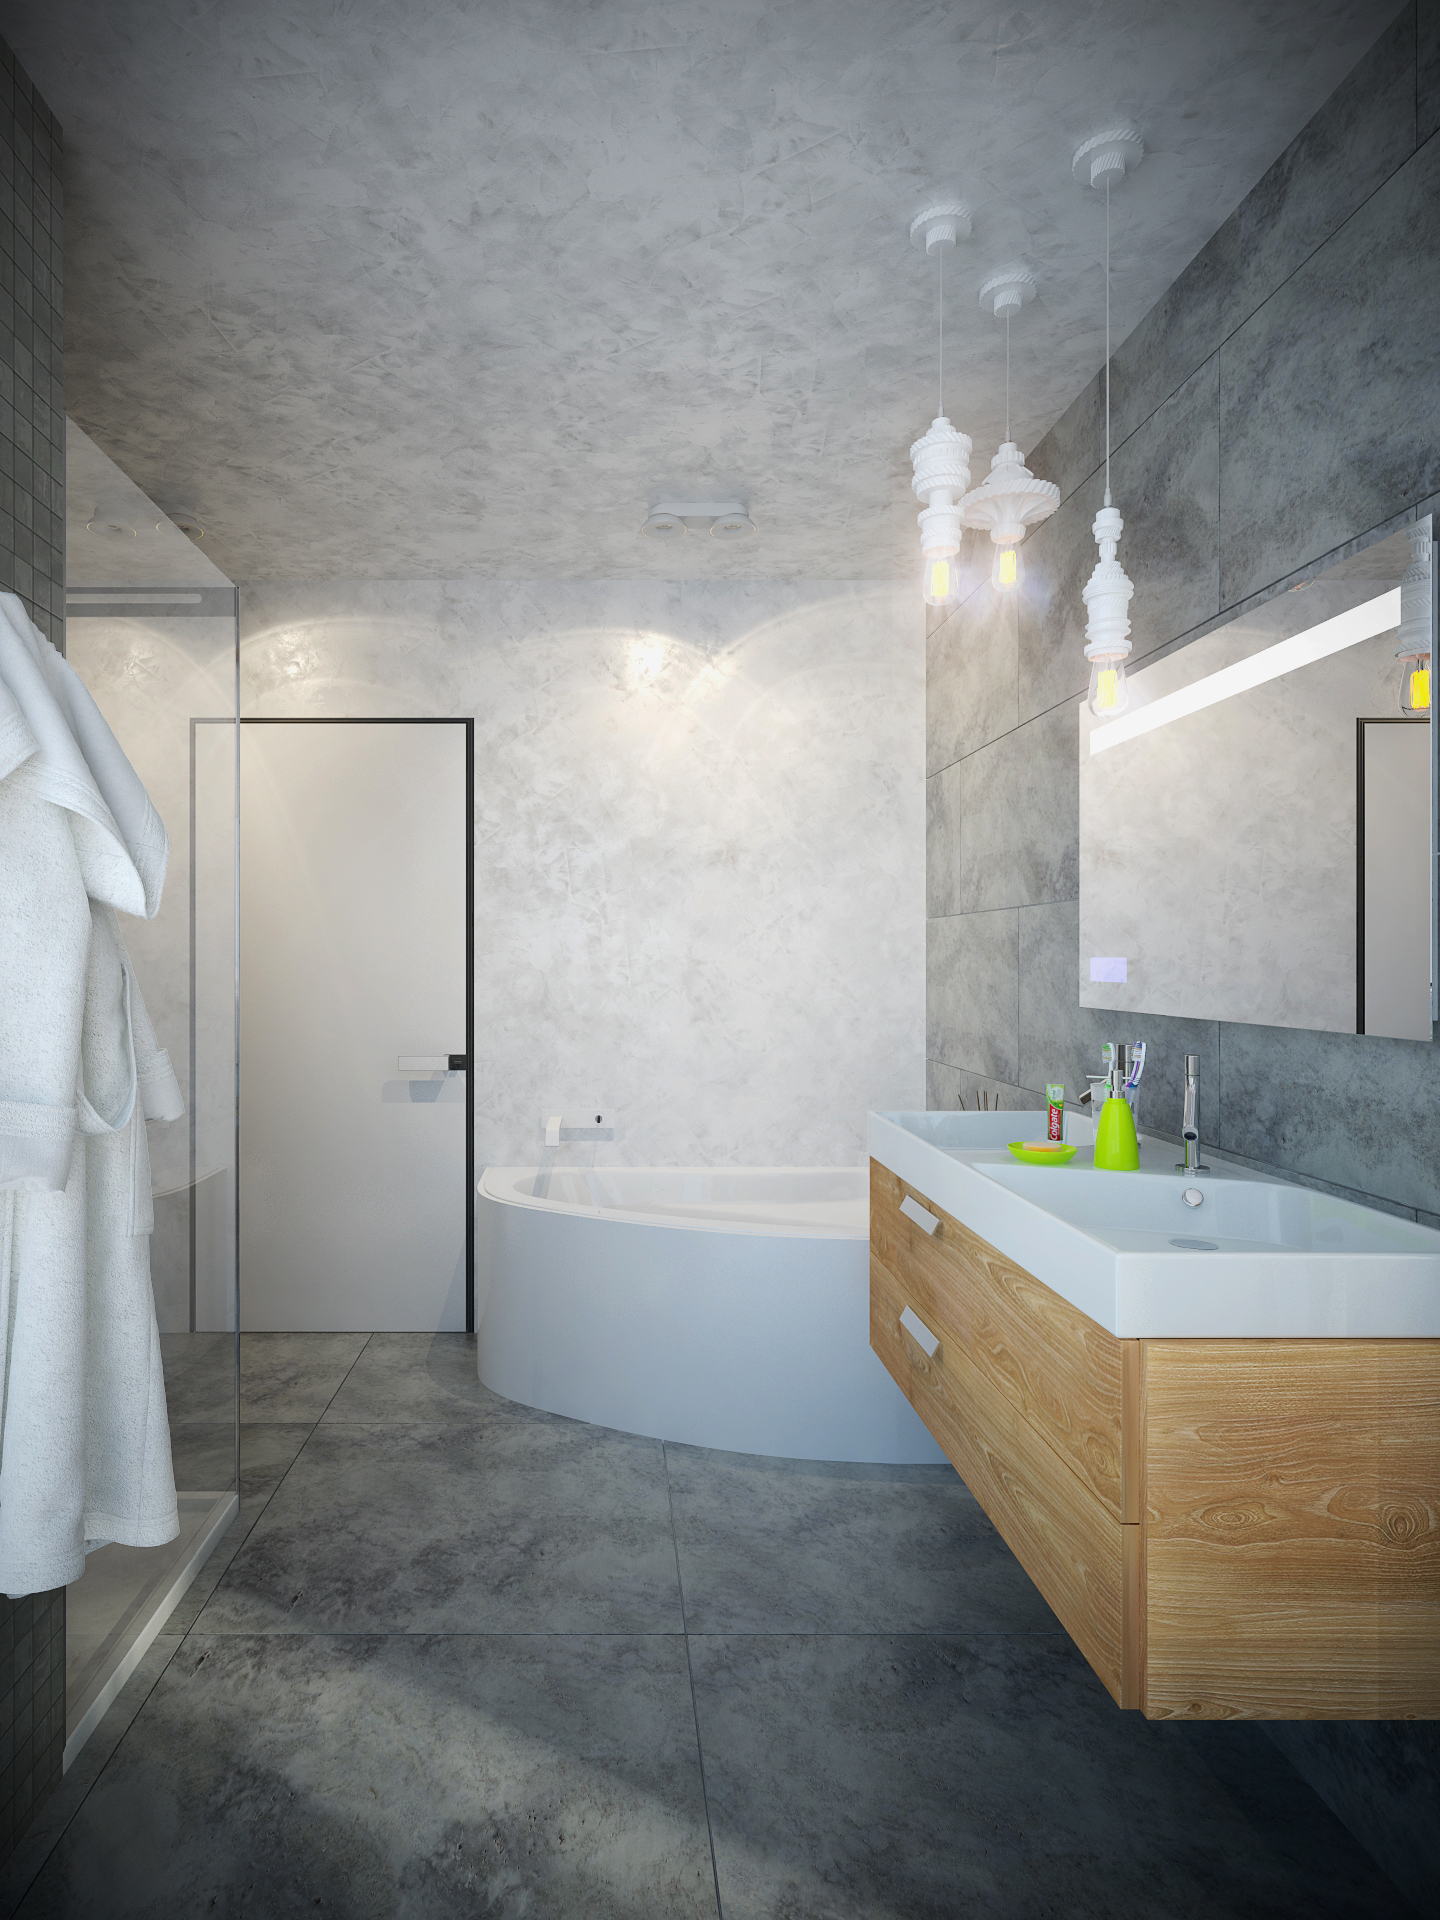 Интерьер квартиры в г. Киев. Ванная комната